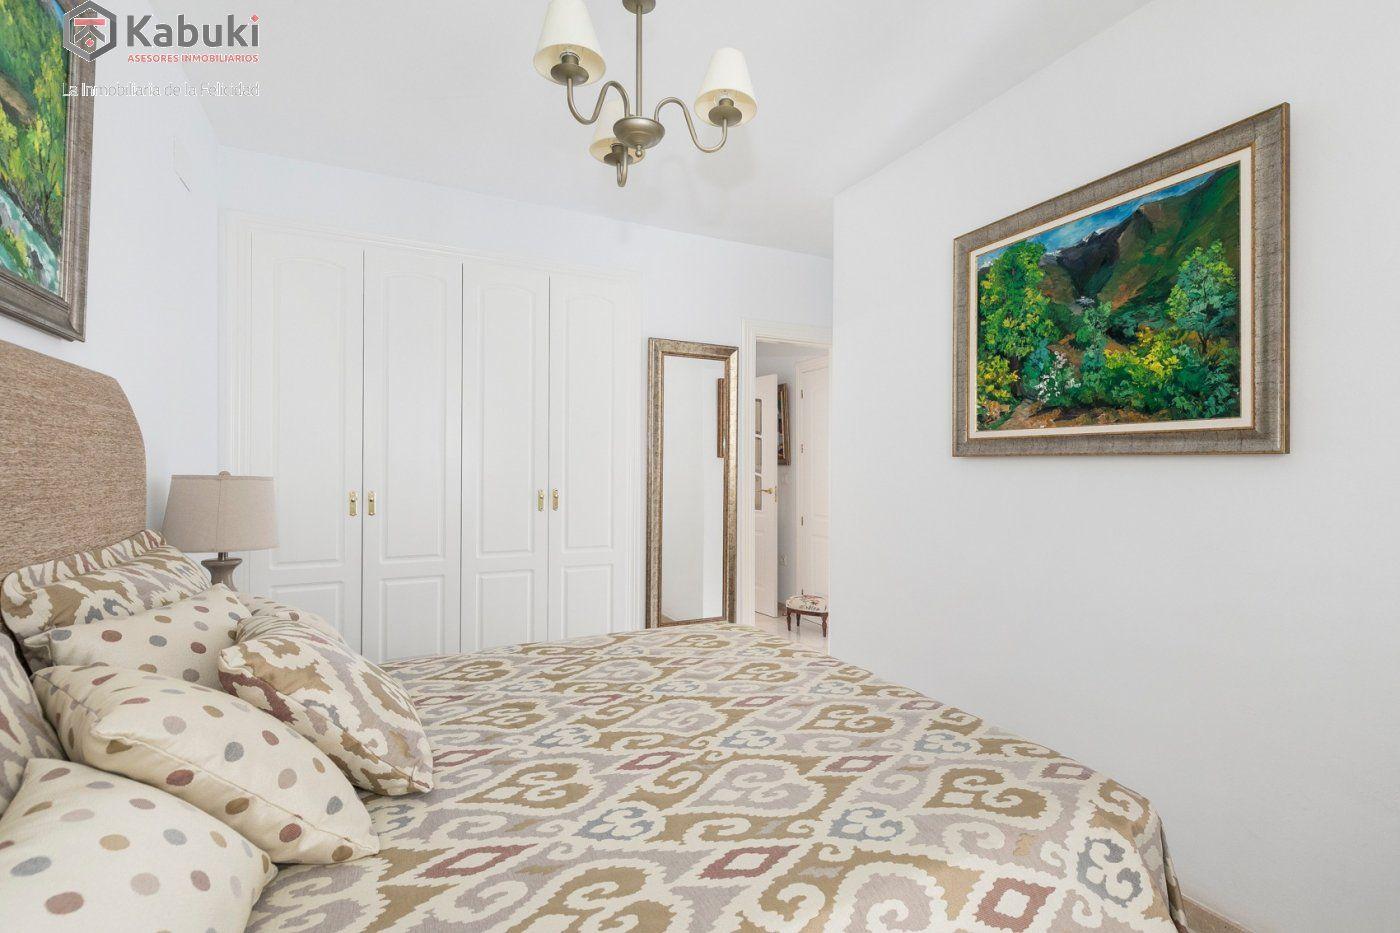 Magnífico piso en zona de recogidas, espacioso y luminoso en planta alta. - imagenInmueble14